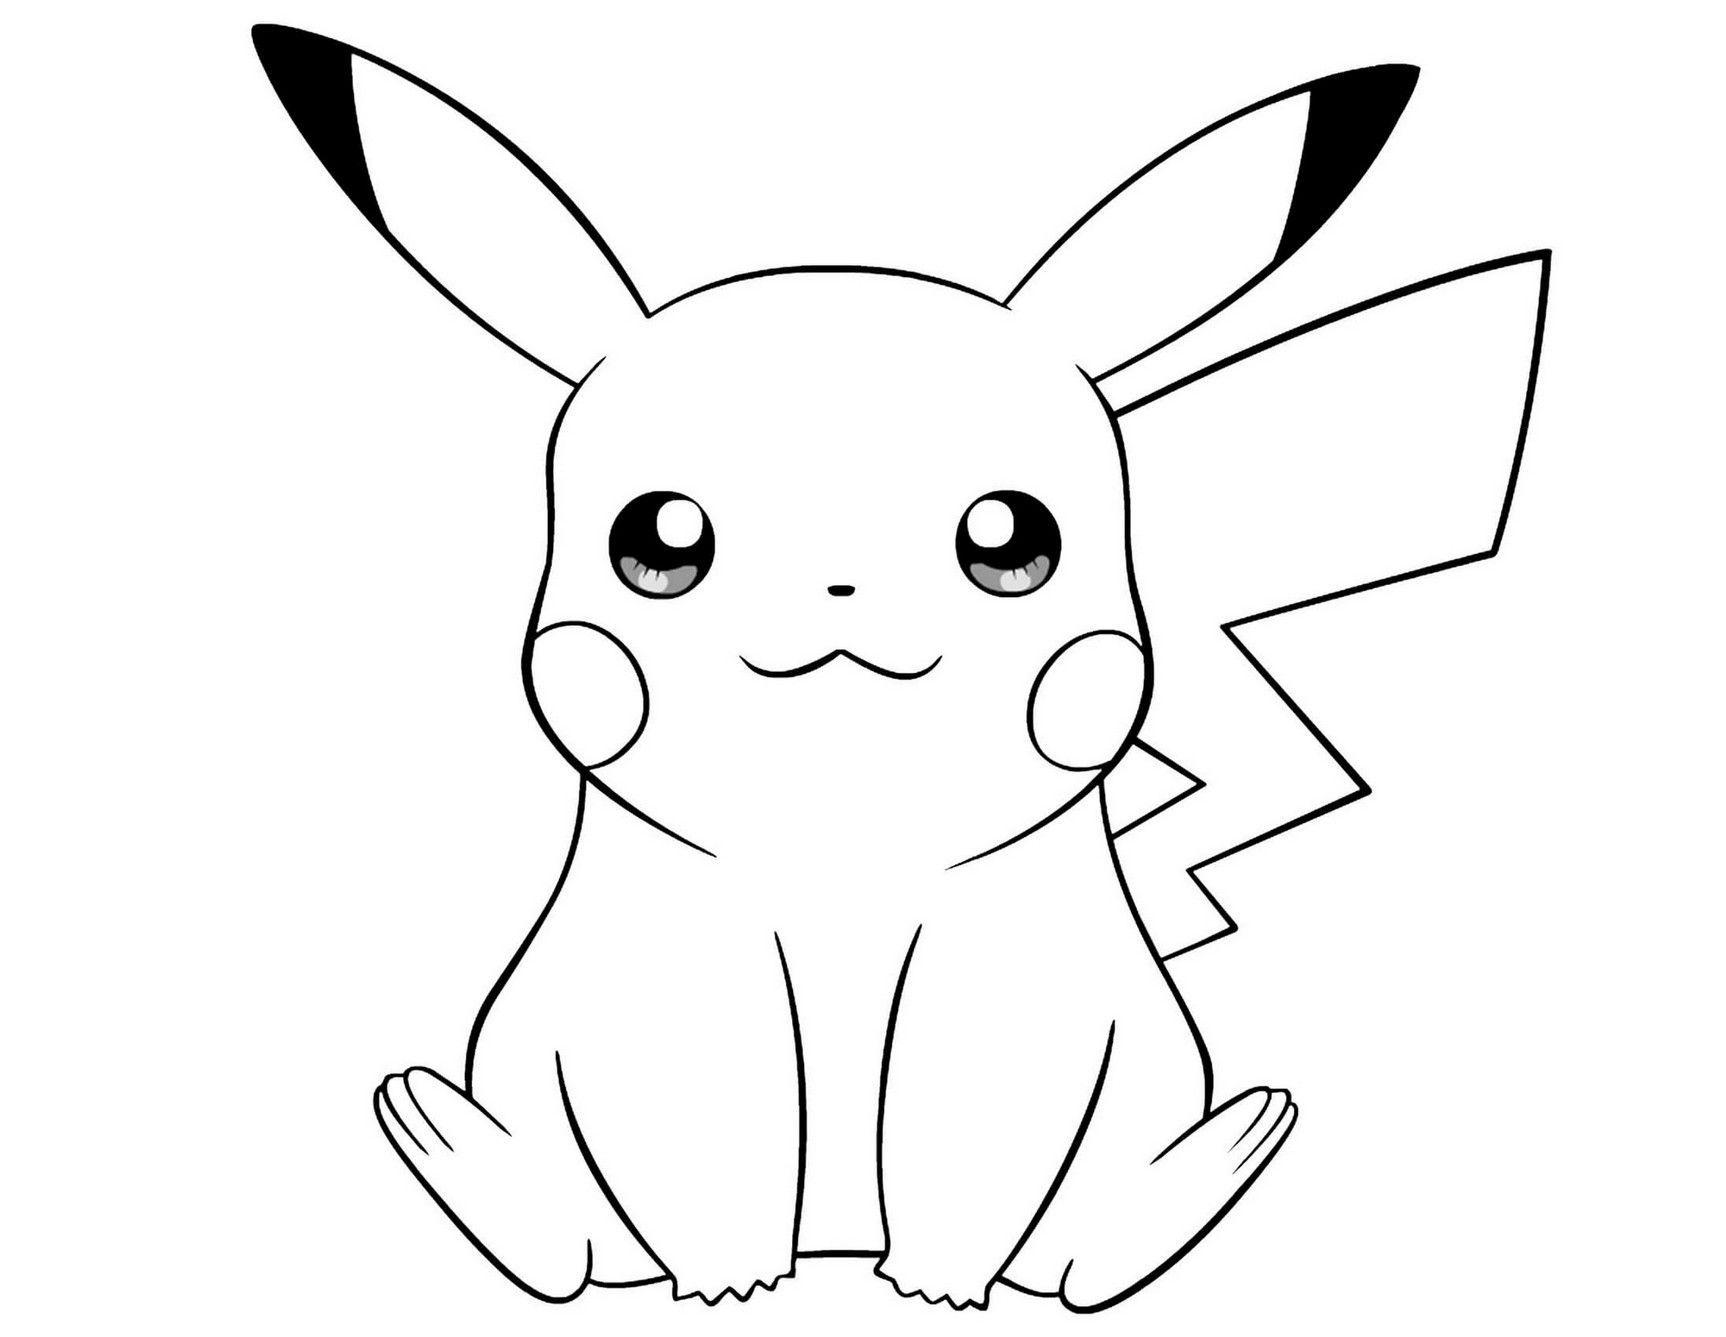 Coloring Page Base Cizim Fikirleri Pikachu